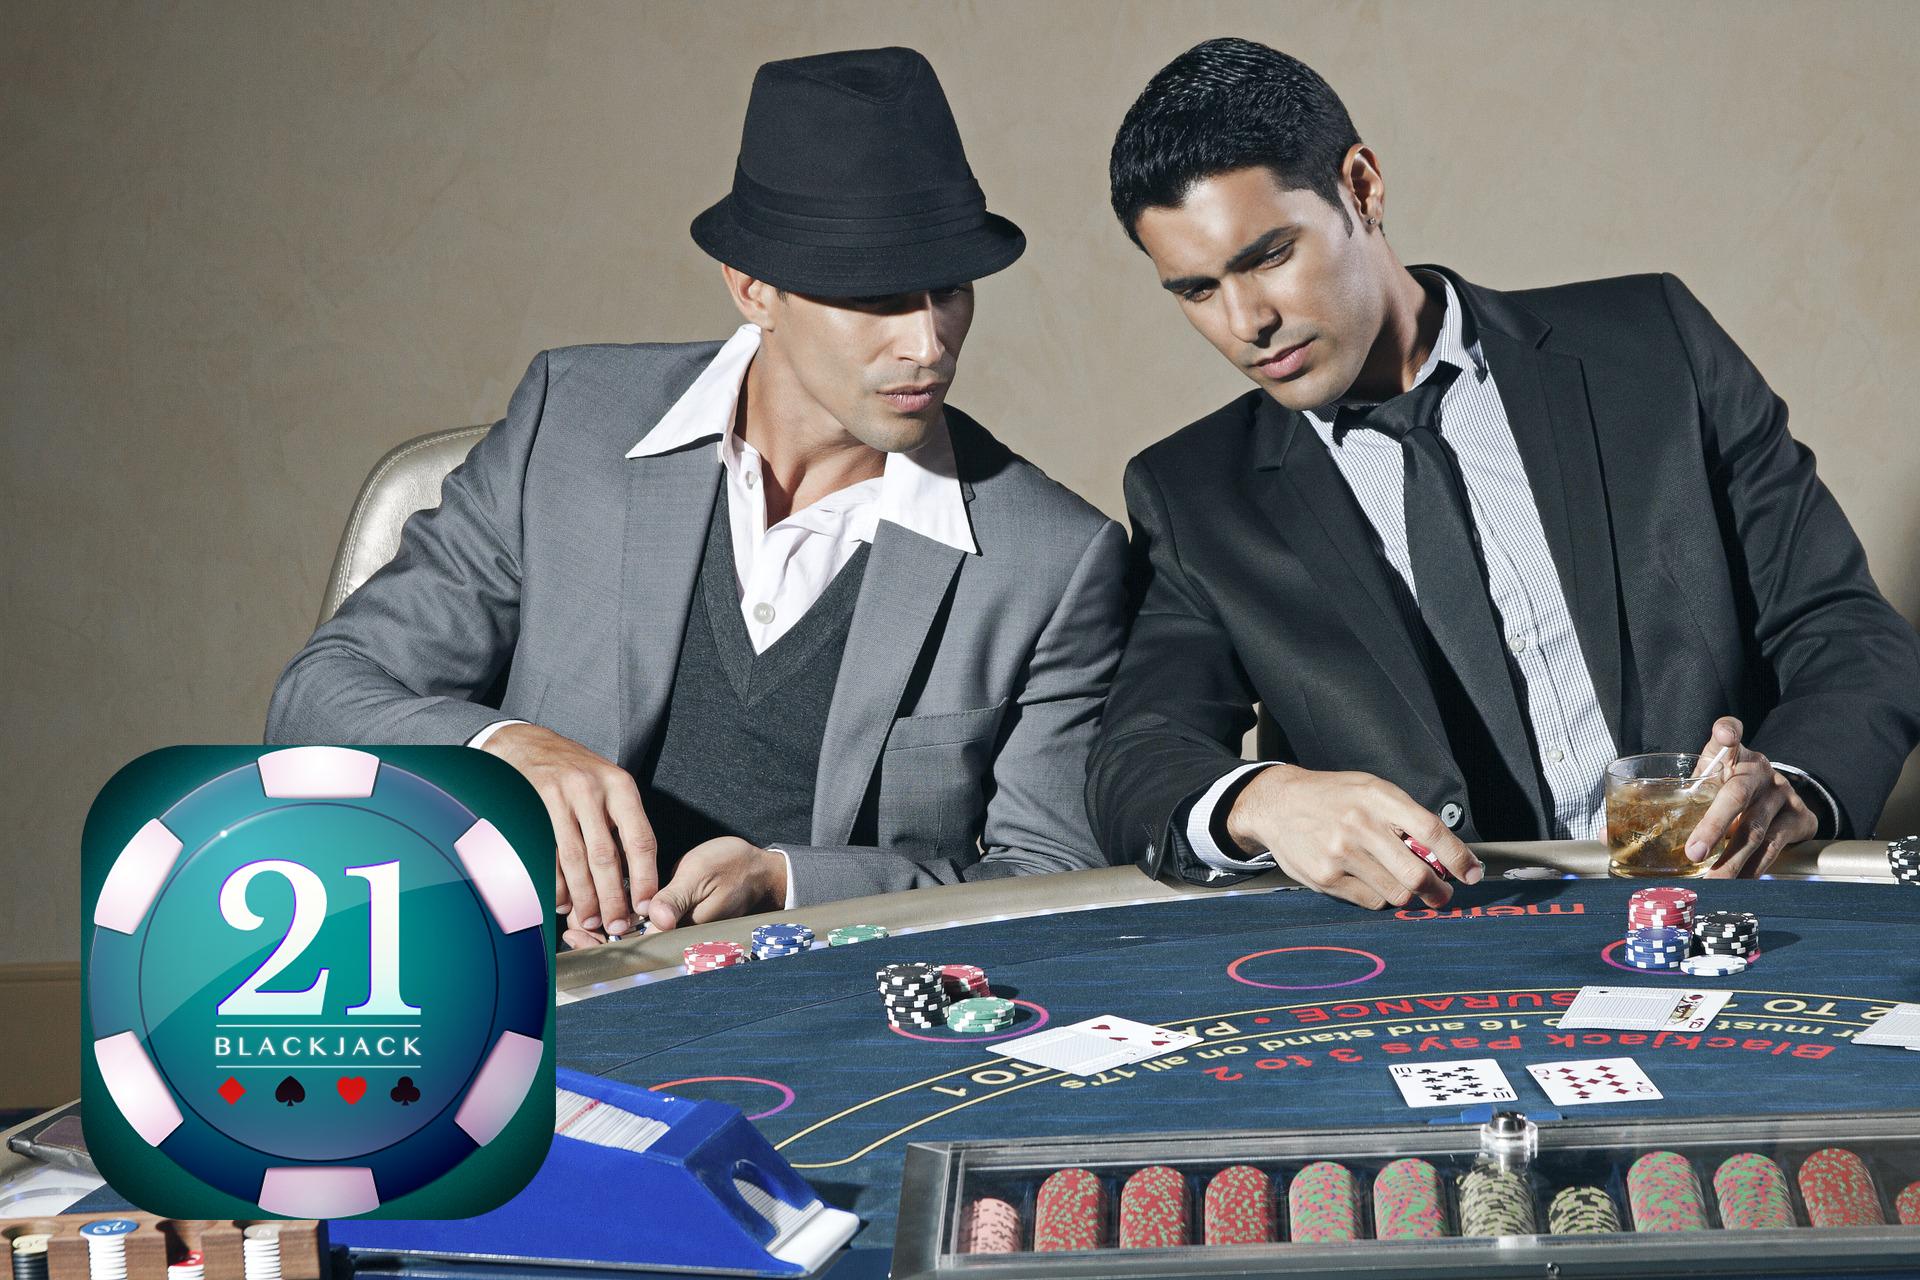 Blackjack likmju stratēģija_Parlay-System-spēlētāji vīrieši reālā kazino